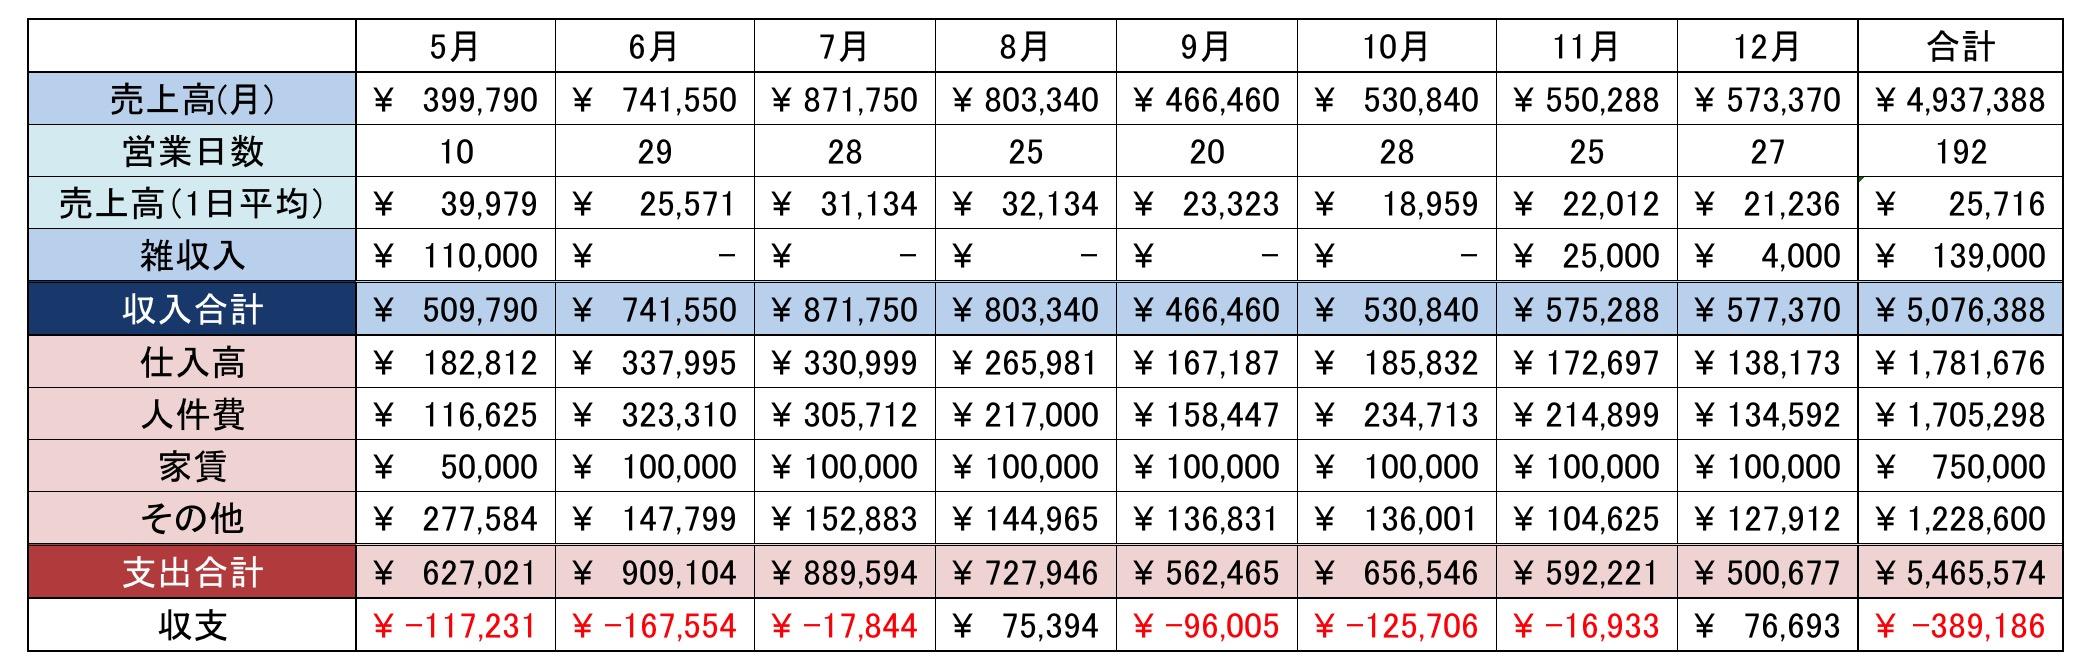 2015年ホンバコ収支表